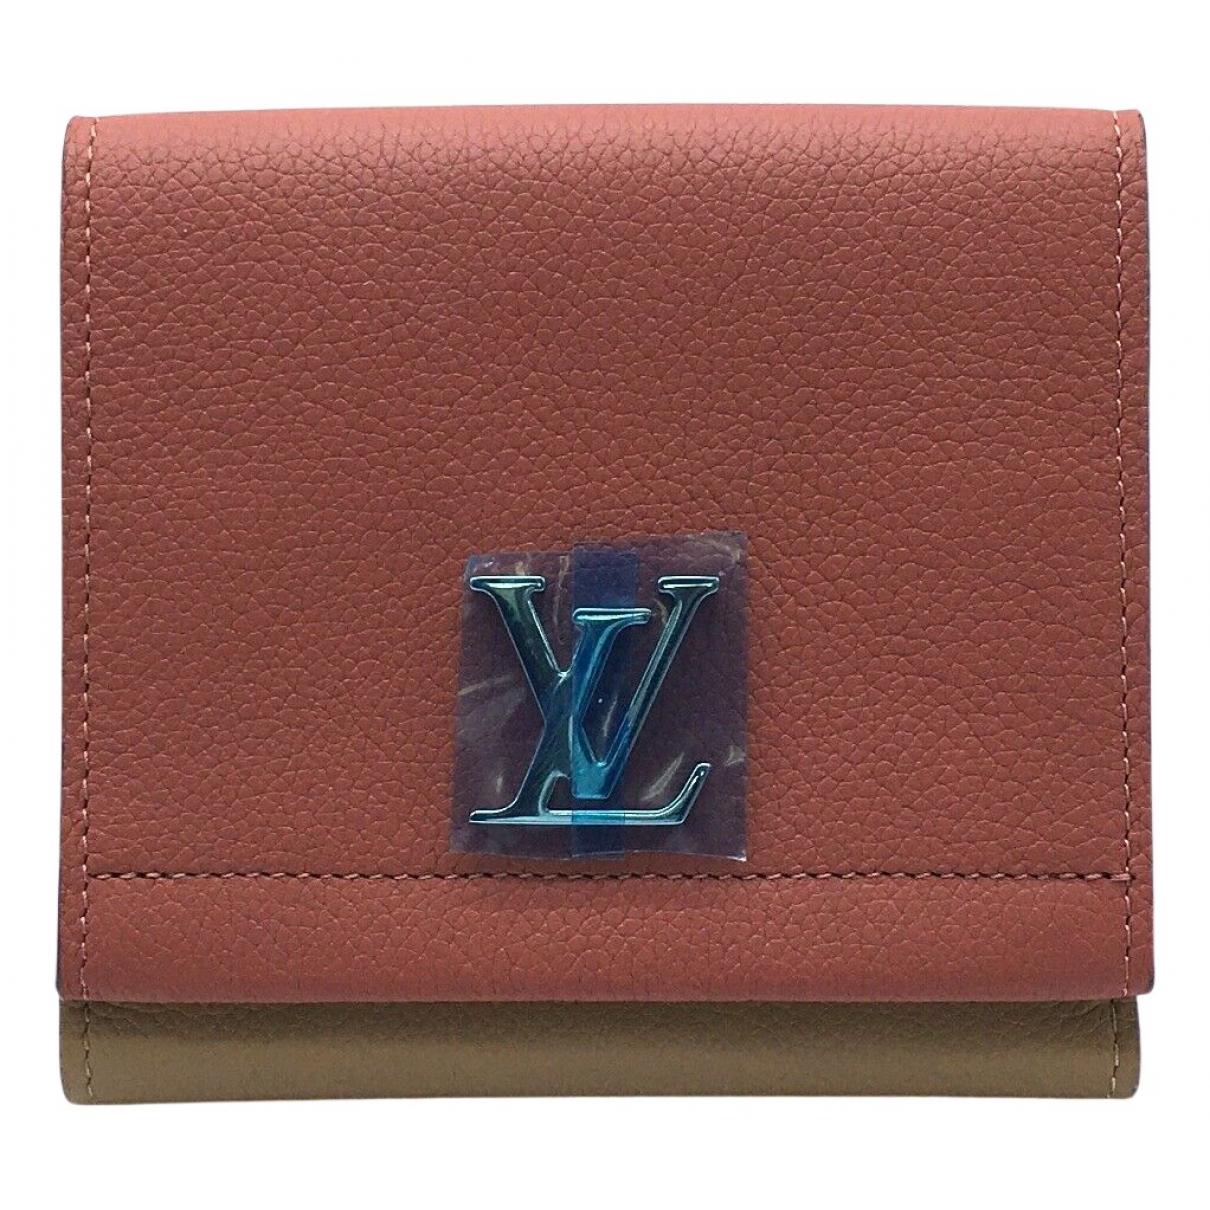 Louis Vuitton Lockme Beige Leather wallet for Women N